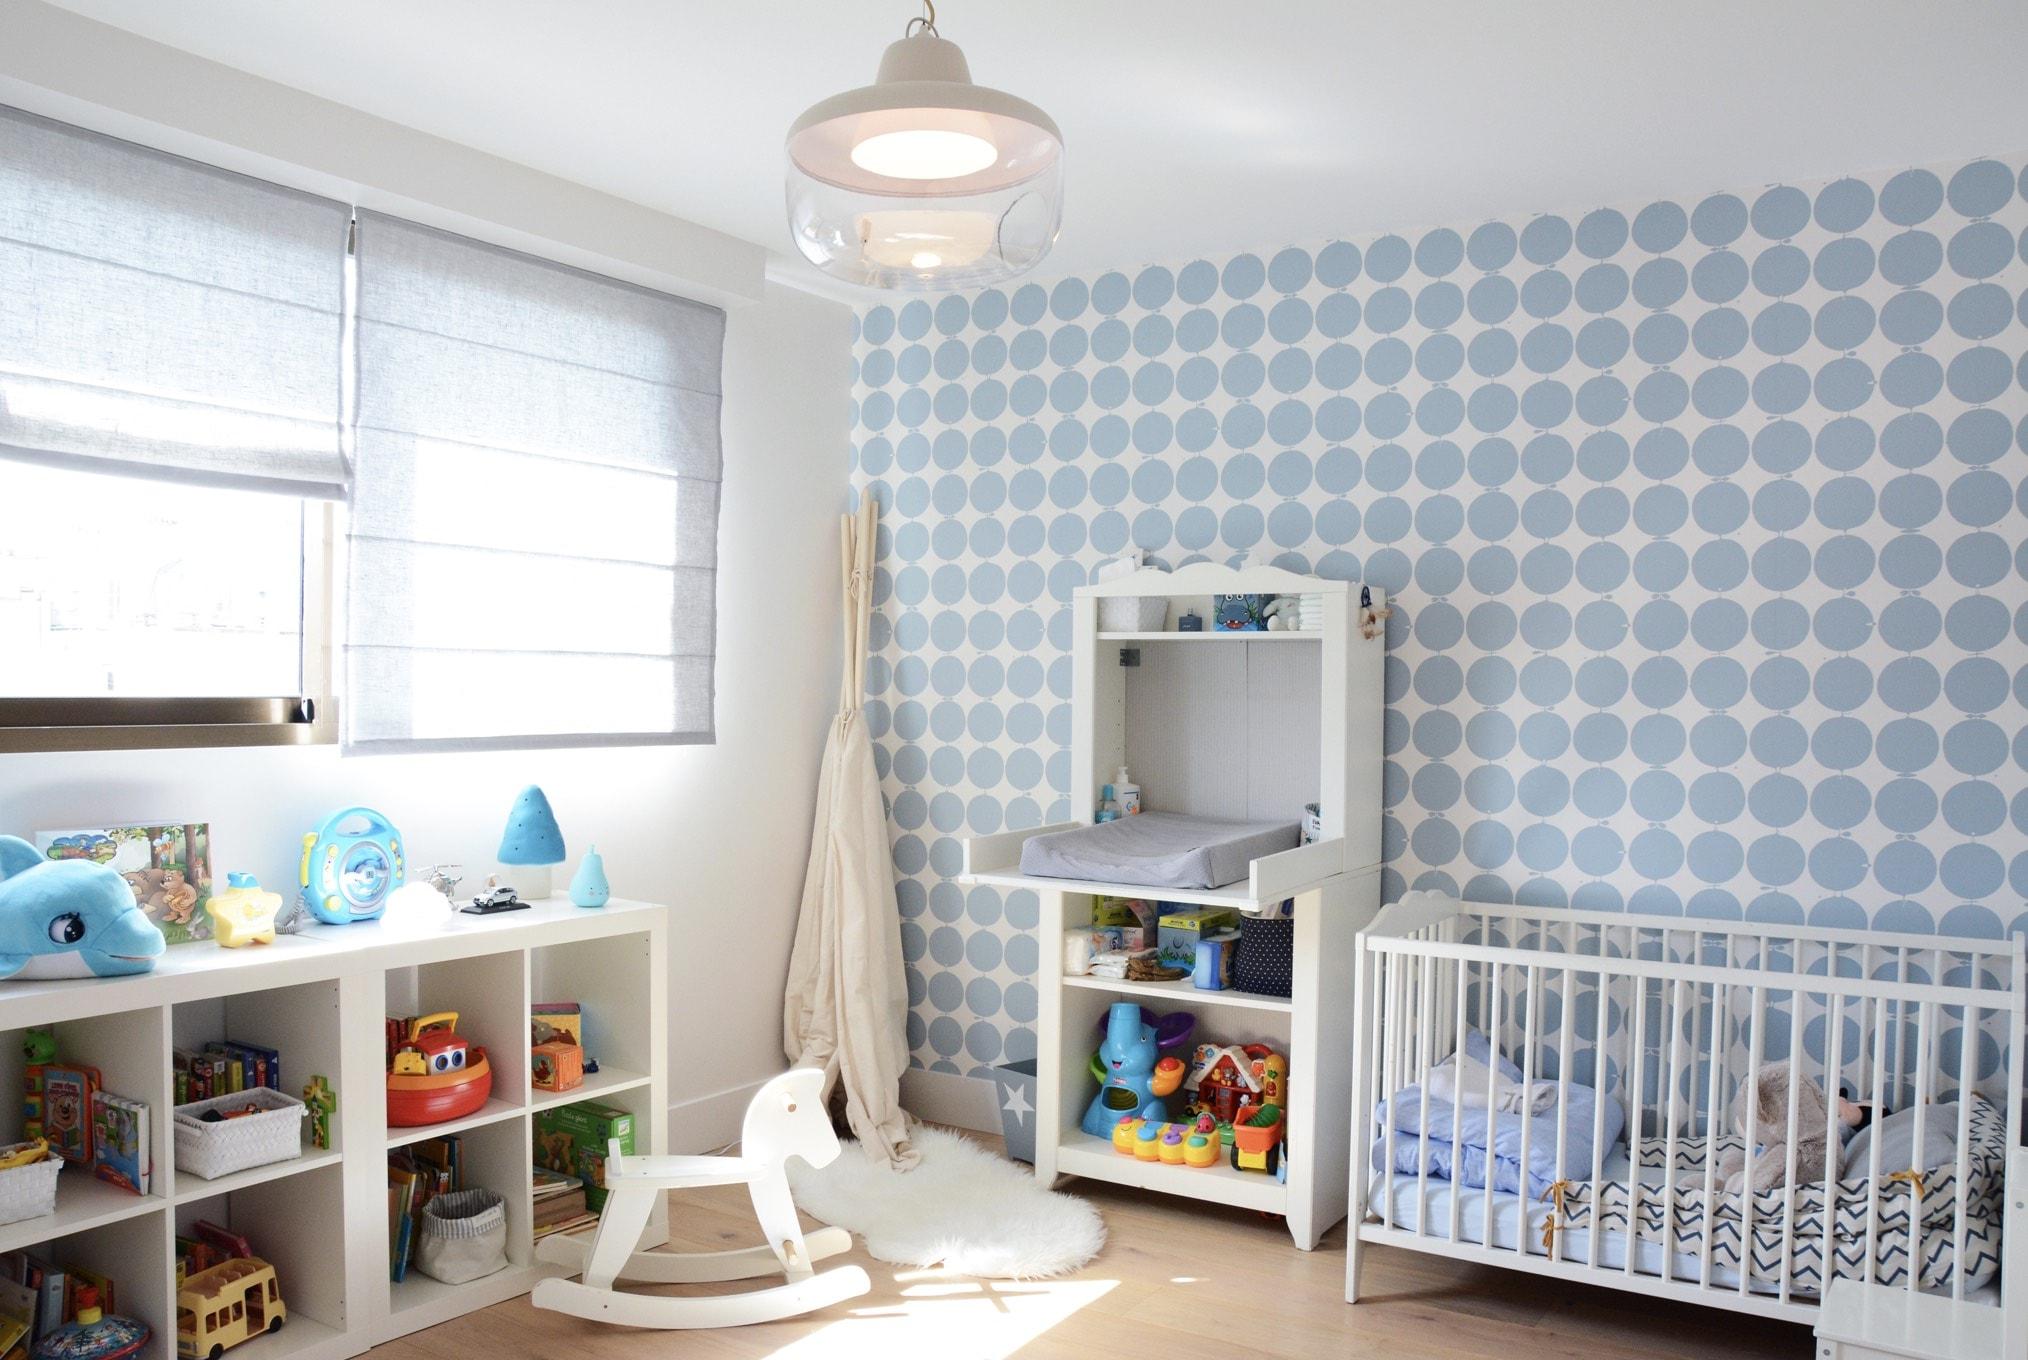 Chambre d'enfant, parquet, peinture, papier peint